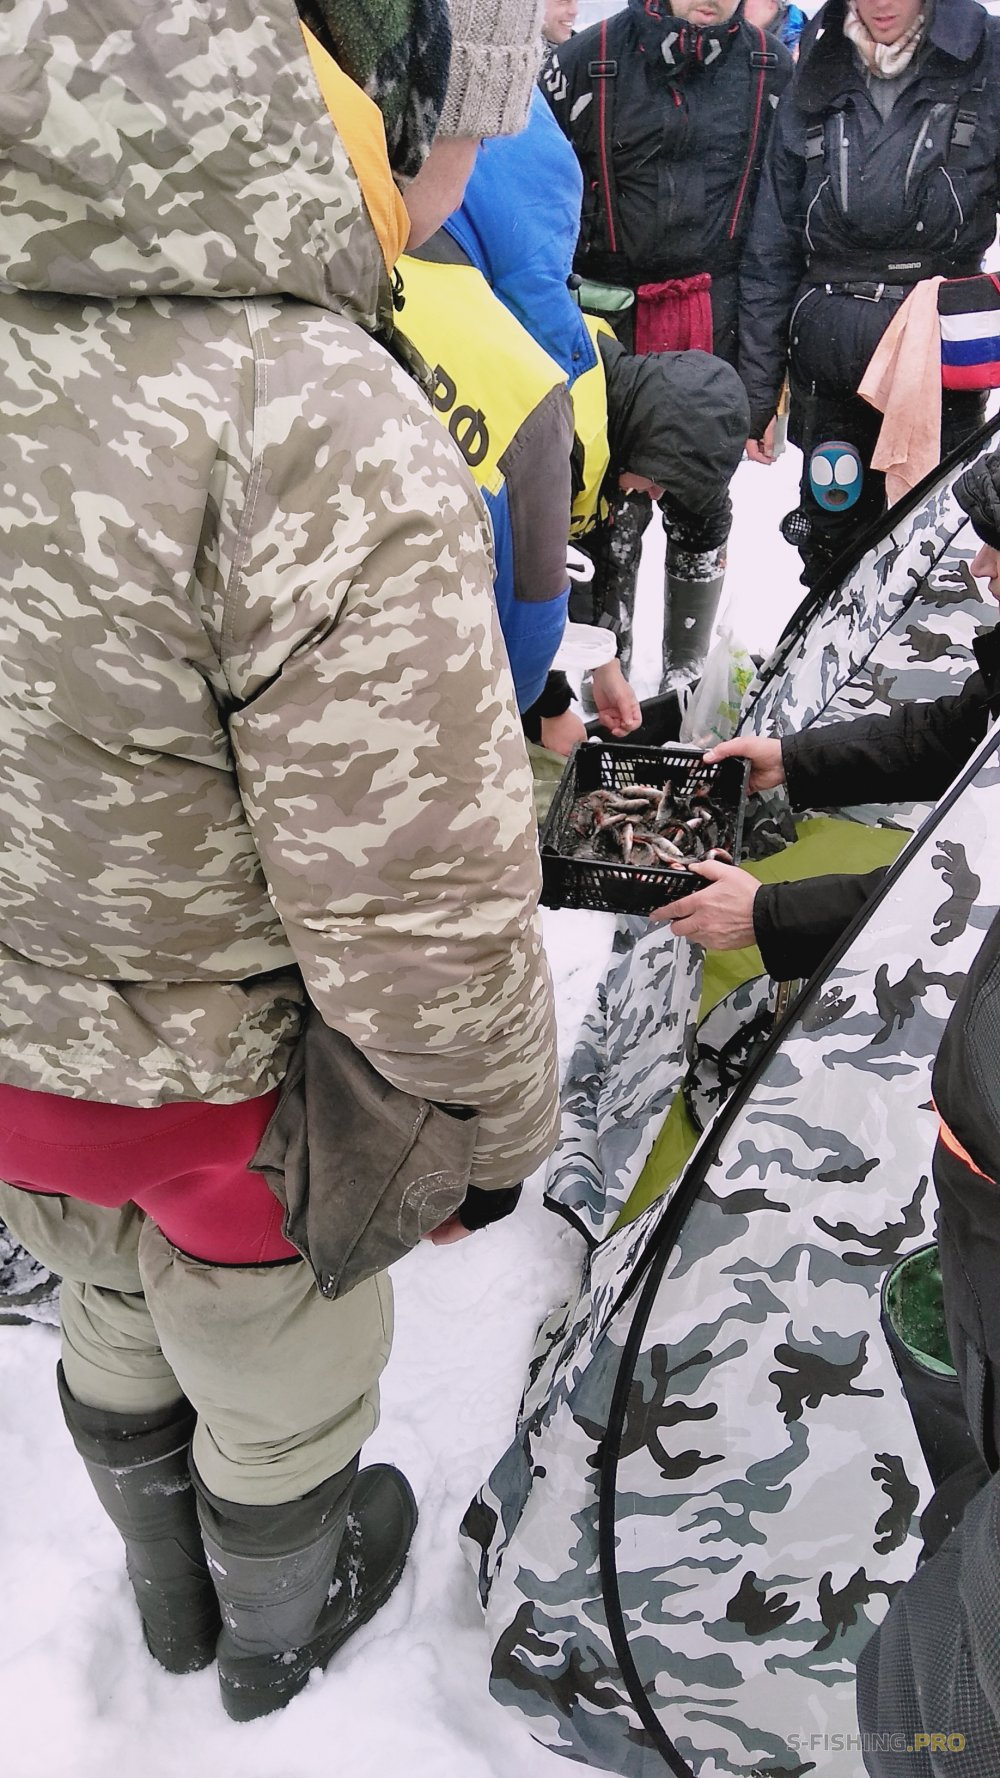 EcoGroup - эксклюзивный представитель брендов Maximus, Alaskan, LureMax, PowerPhantom, BlackSide, EcoPro, Saykio: Чемпионат Москвы или черная полоса!